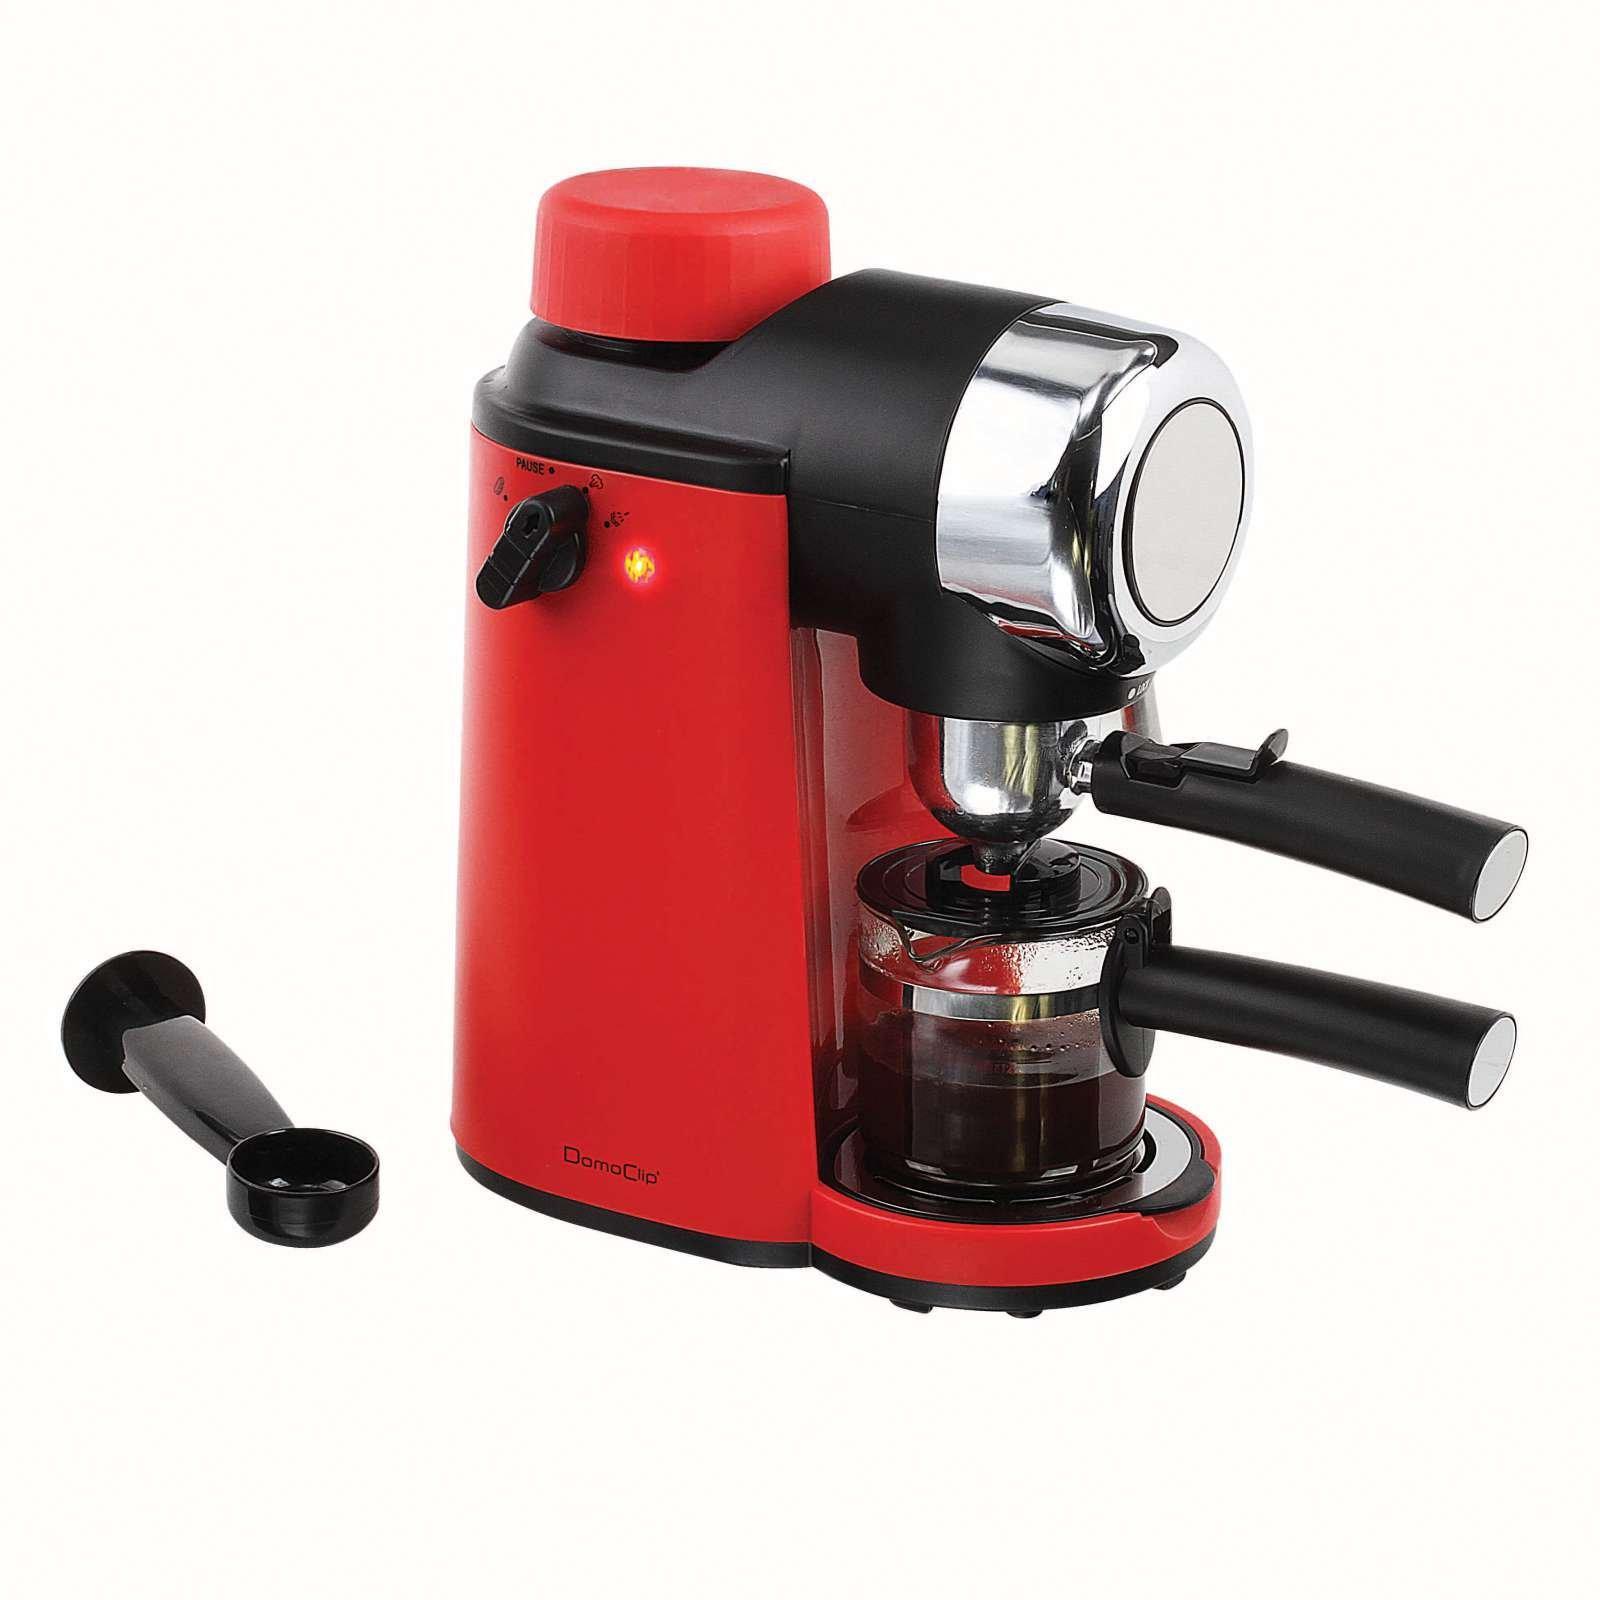 Eléctrica Cafetera expreso 4 tazas espresso Cafetera de émbolo Rojo Jarra de cristal (Kleine Cappuccino con espumador de leche, Café polvo, 800 W): Amazon.es: Hogar